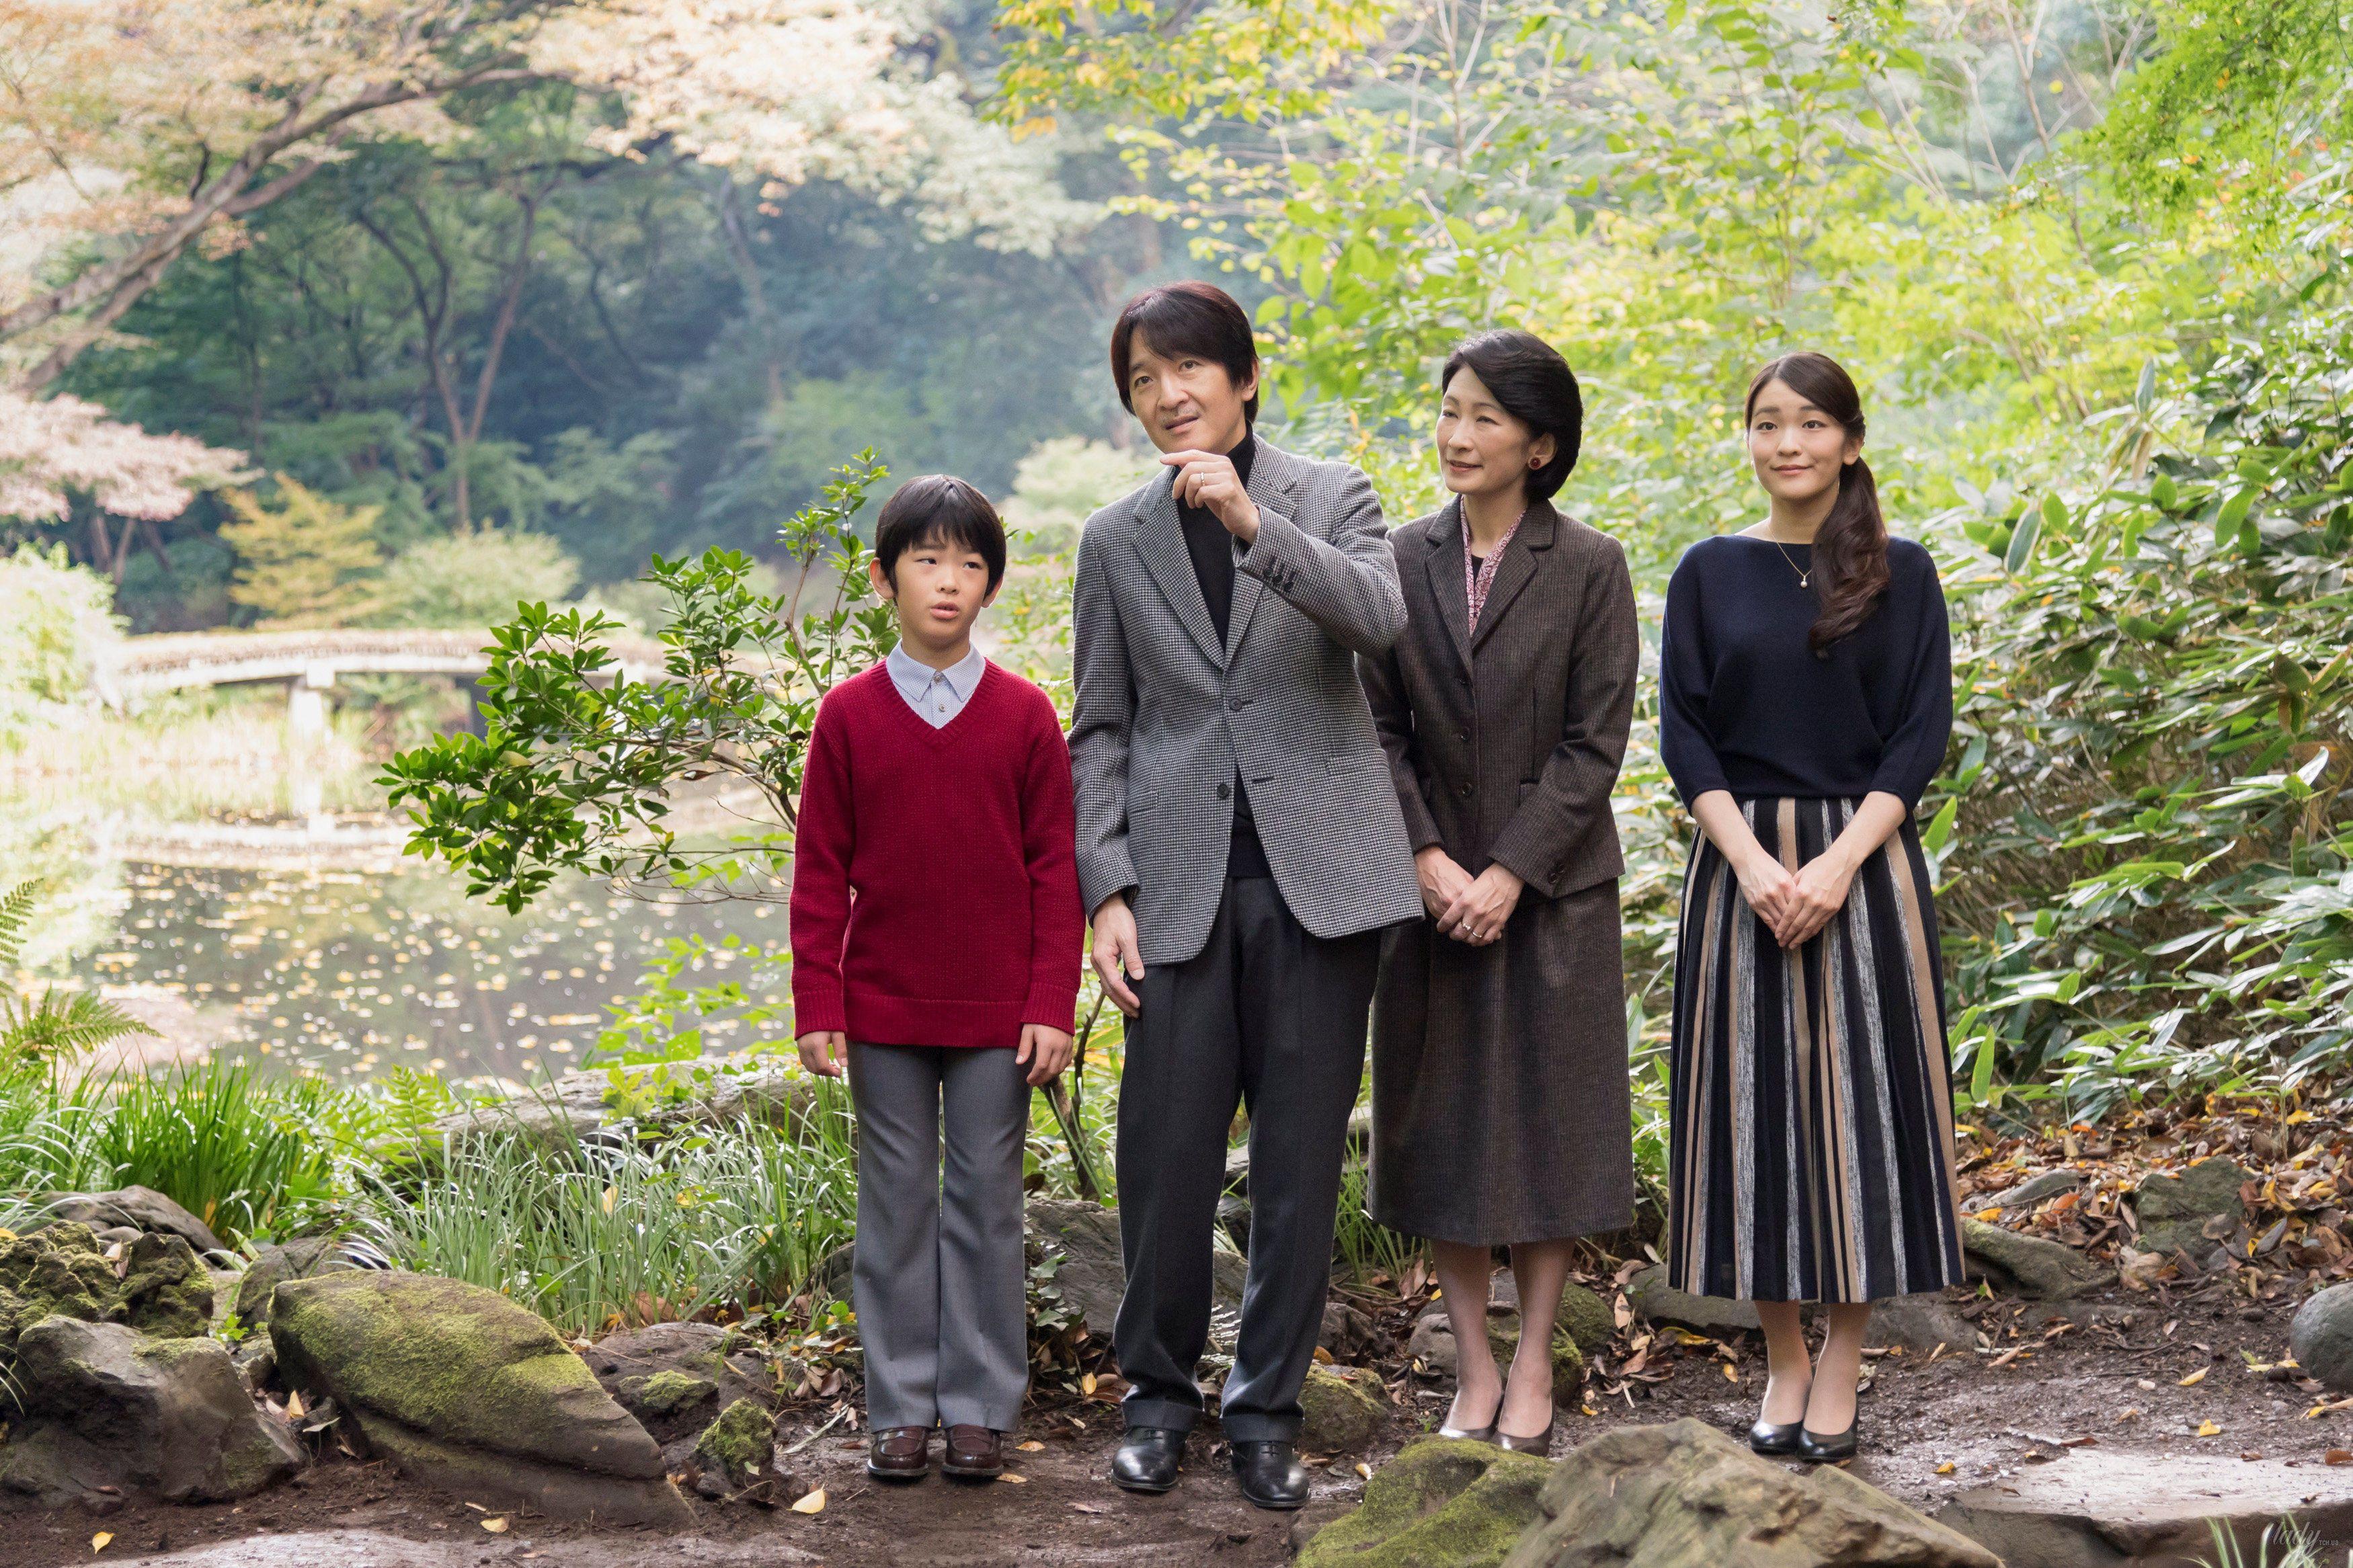 Японский принц Акисино, его жена принцесса Кико и их дети - принц Хисахито и принцесса Мако_2